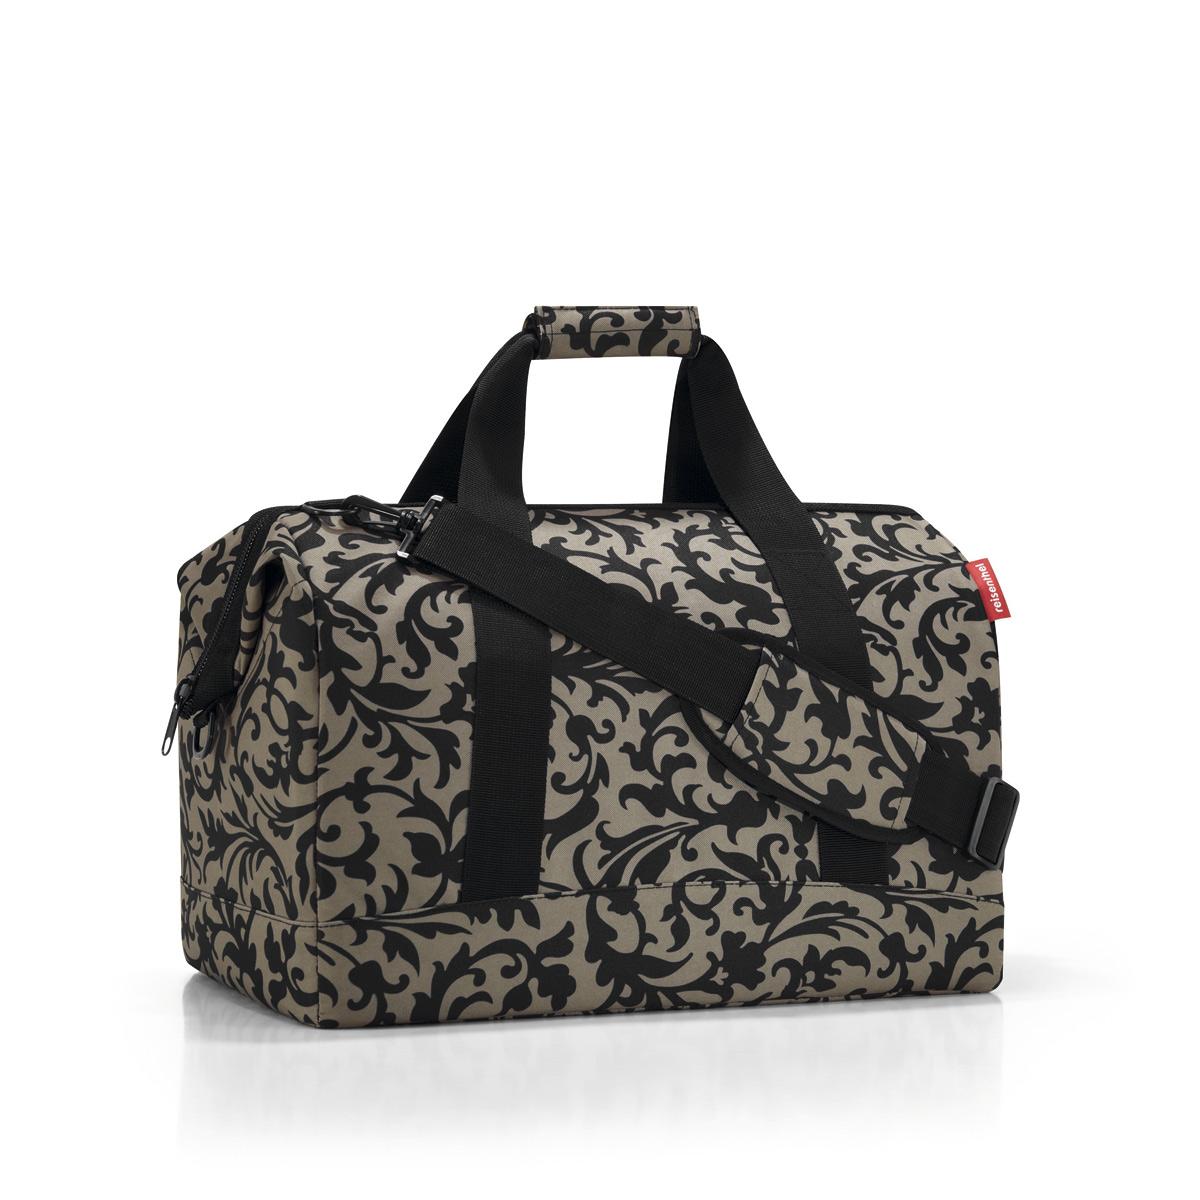 Сумка дорожная Reisenthel, цвет: черный, темно-бежевый. MT7027 reisenthel сумка allrounder l dots e5x dkcr